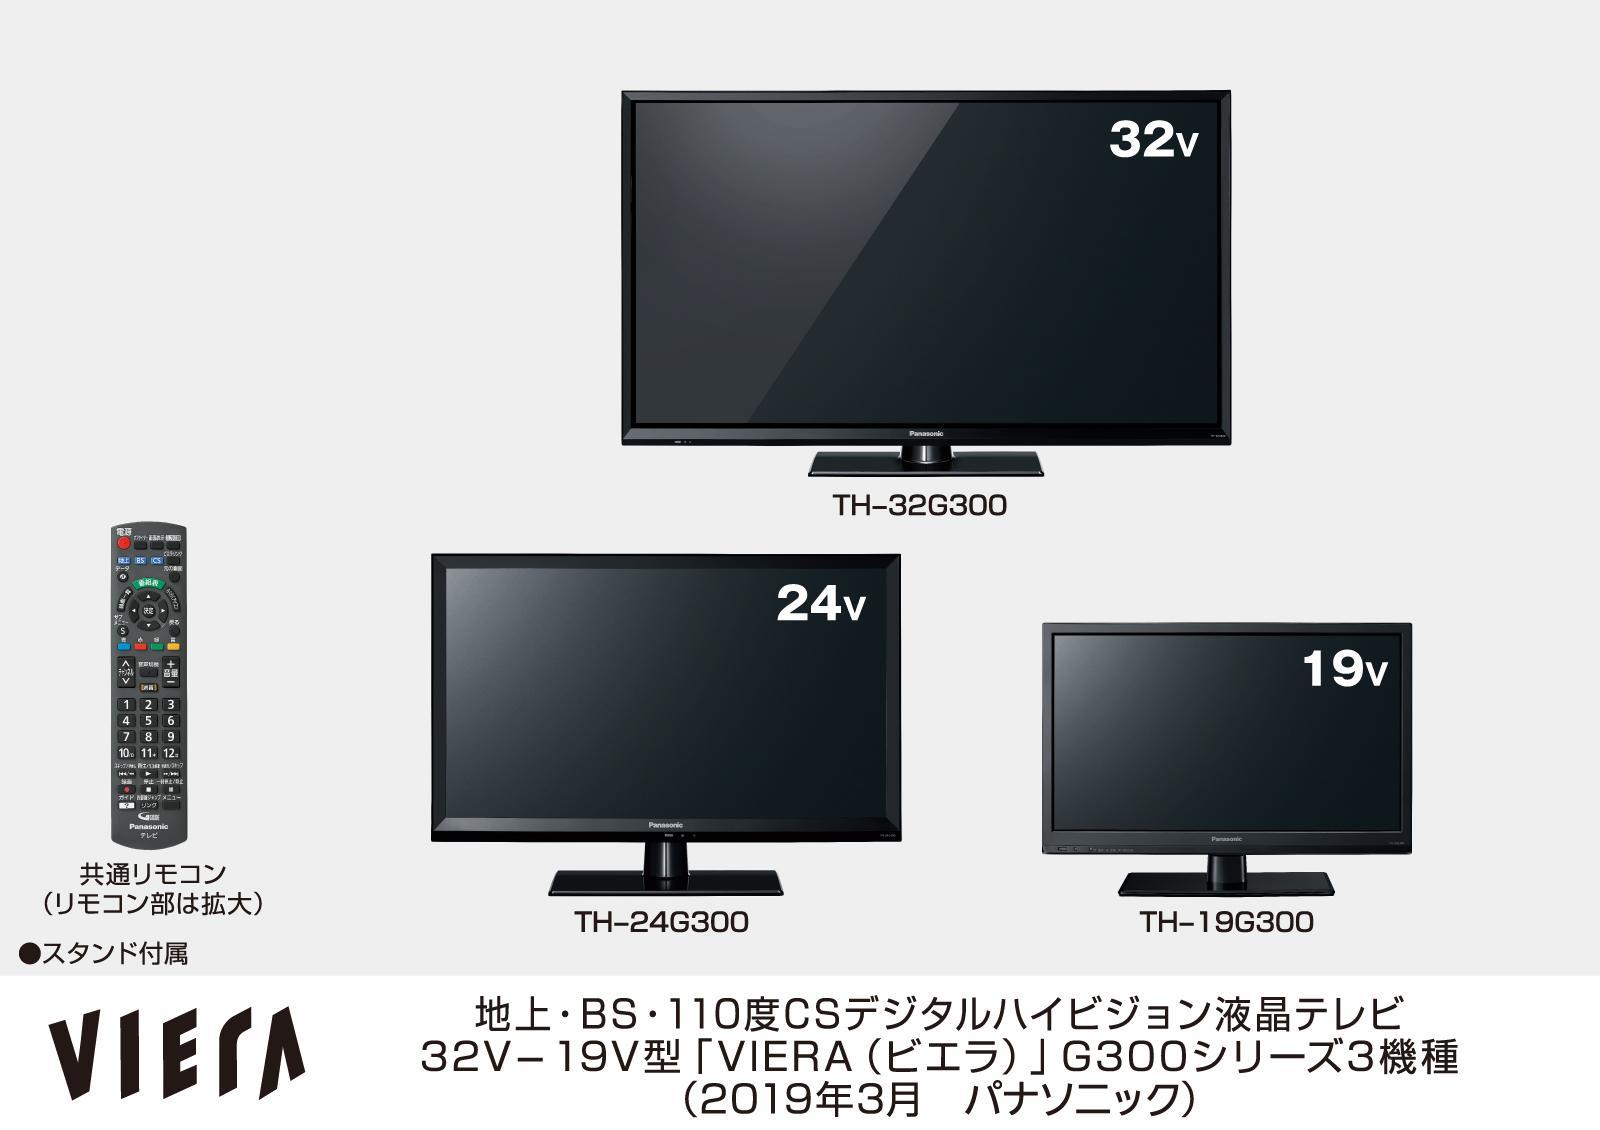 液晶テレビ「VIERA(ビエラ)」G300シリーズ 3機種